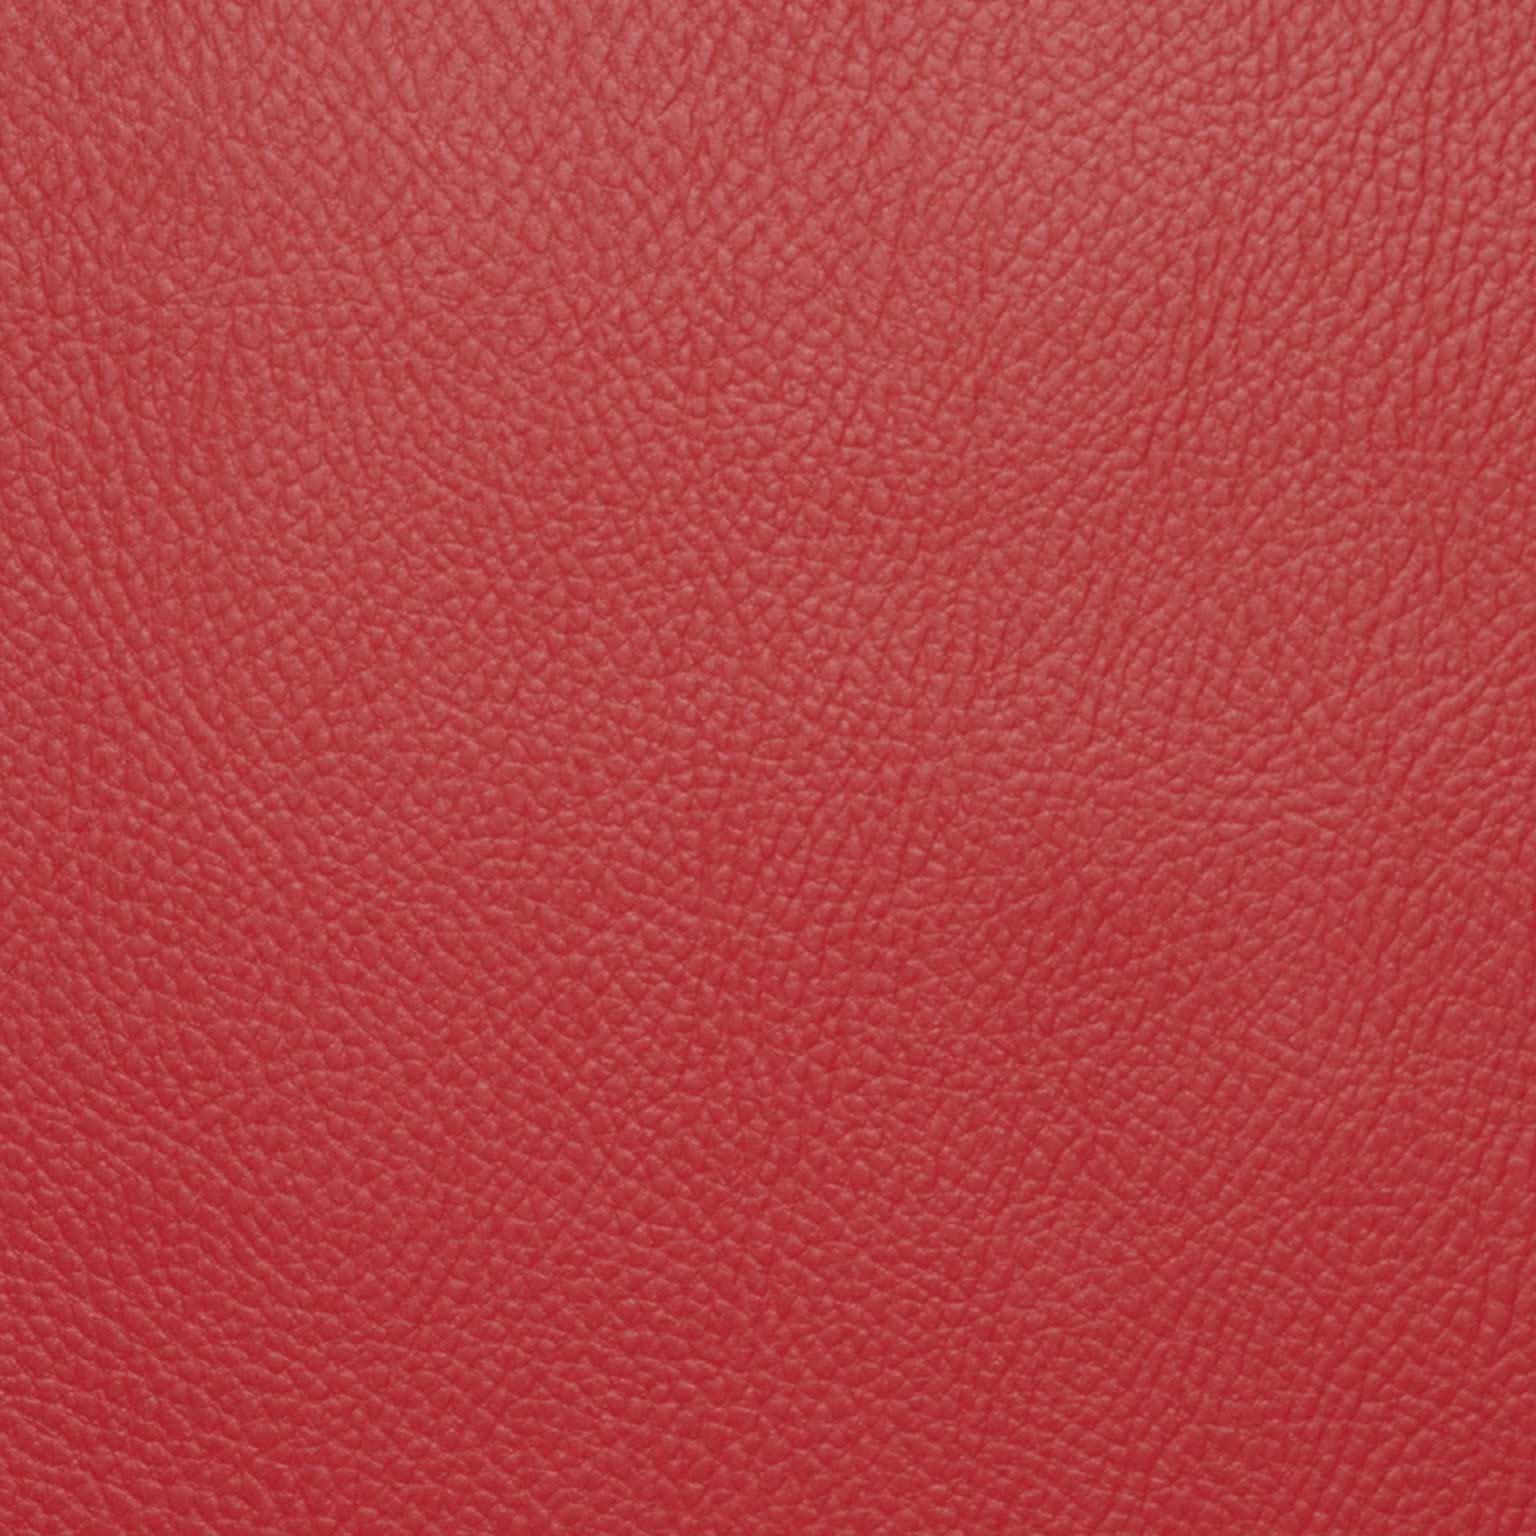 Faux leather_e97-018